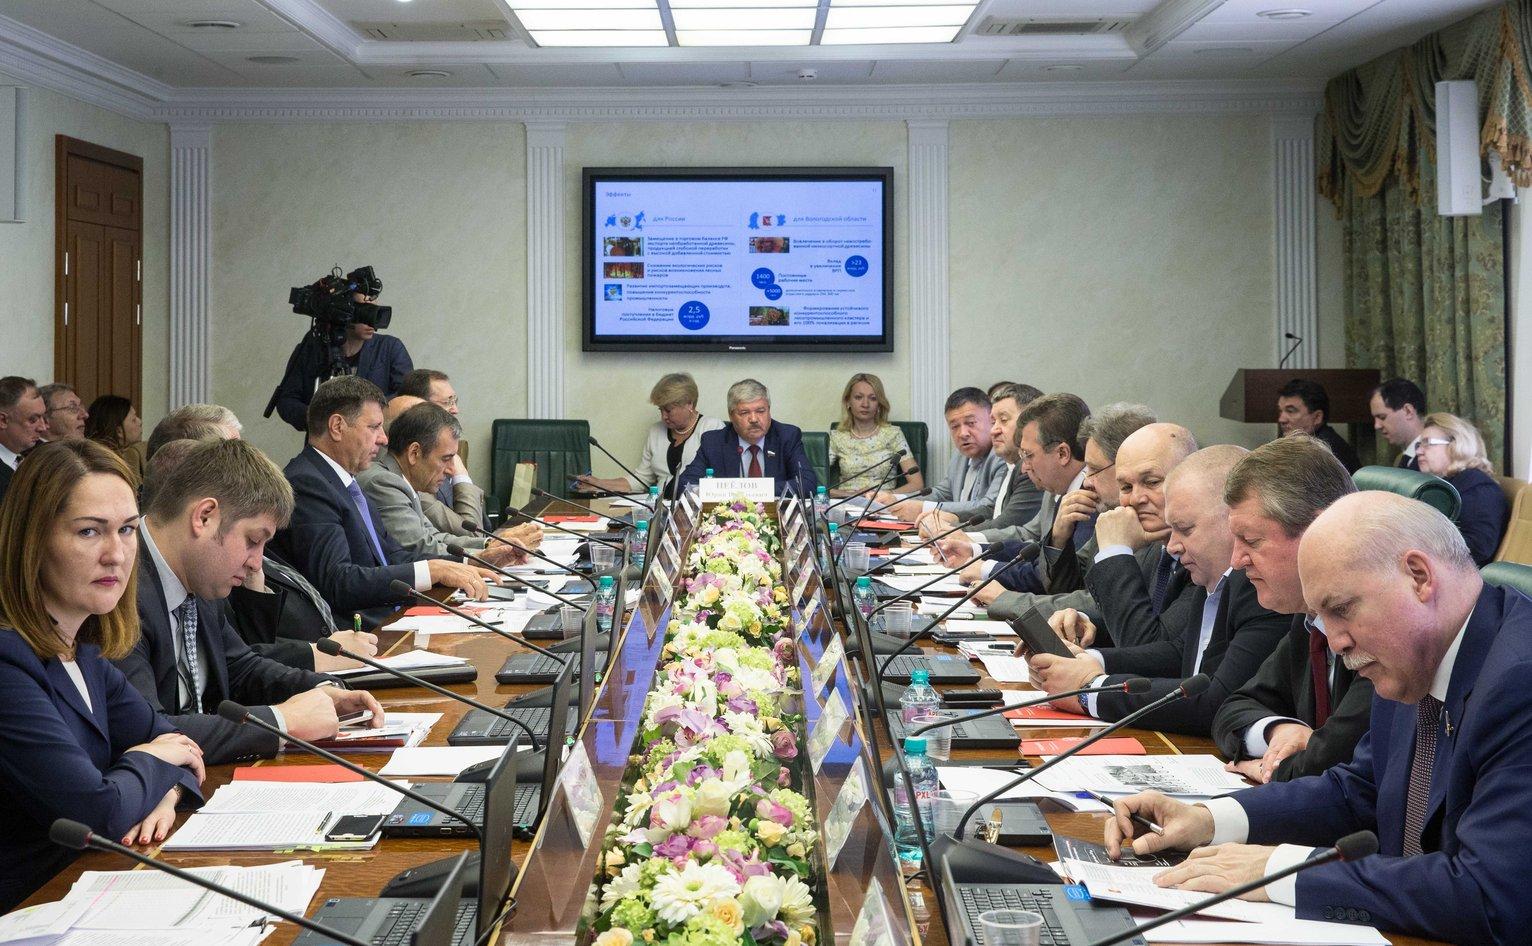 Планируется, что объем государственной поддержки апк вологодской области в этом году составит 2 миллиарда 700